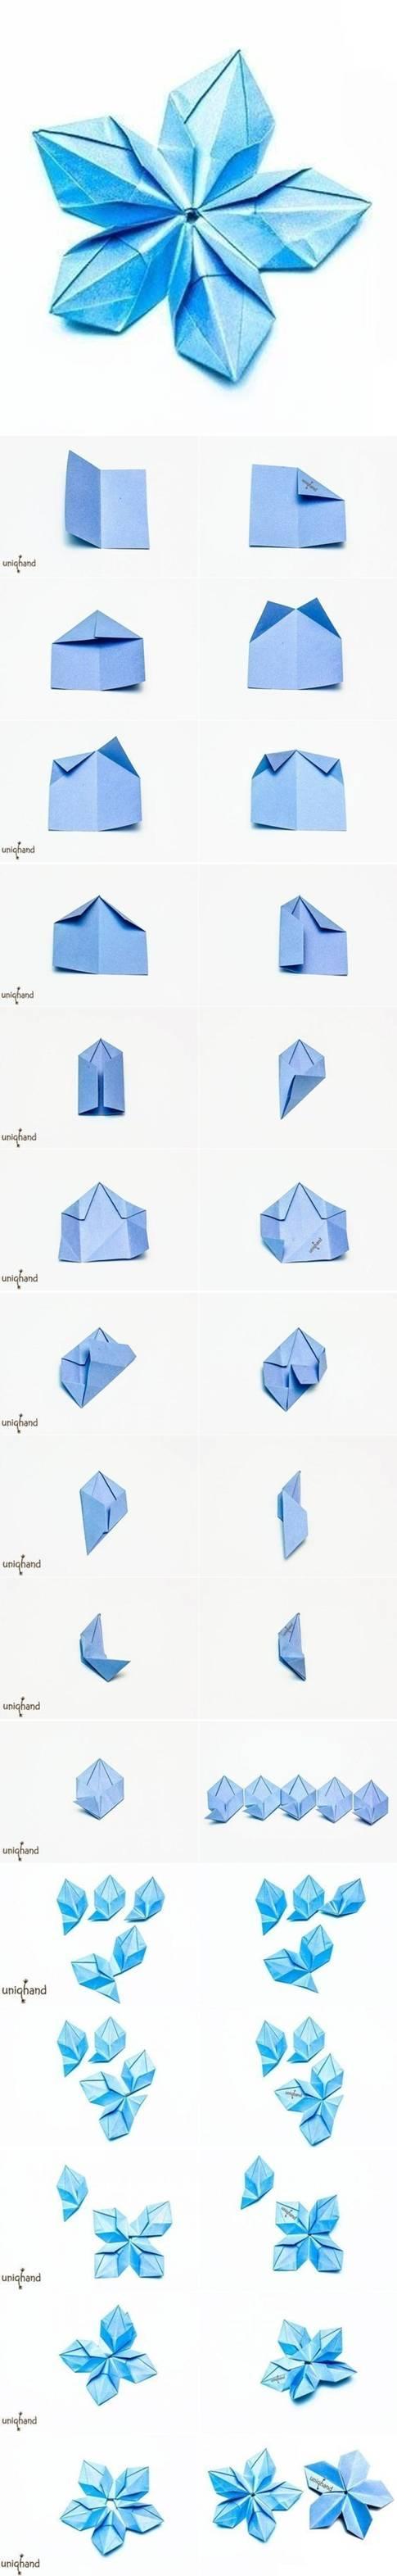 Origami Modular Rose Mandala Photo Diagrams Origami Pinterest